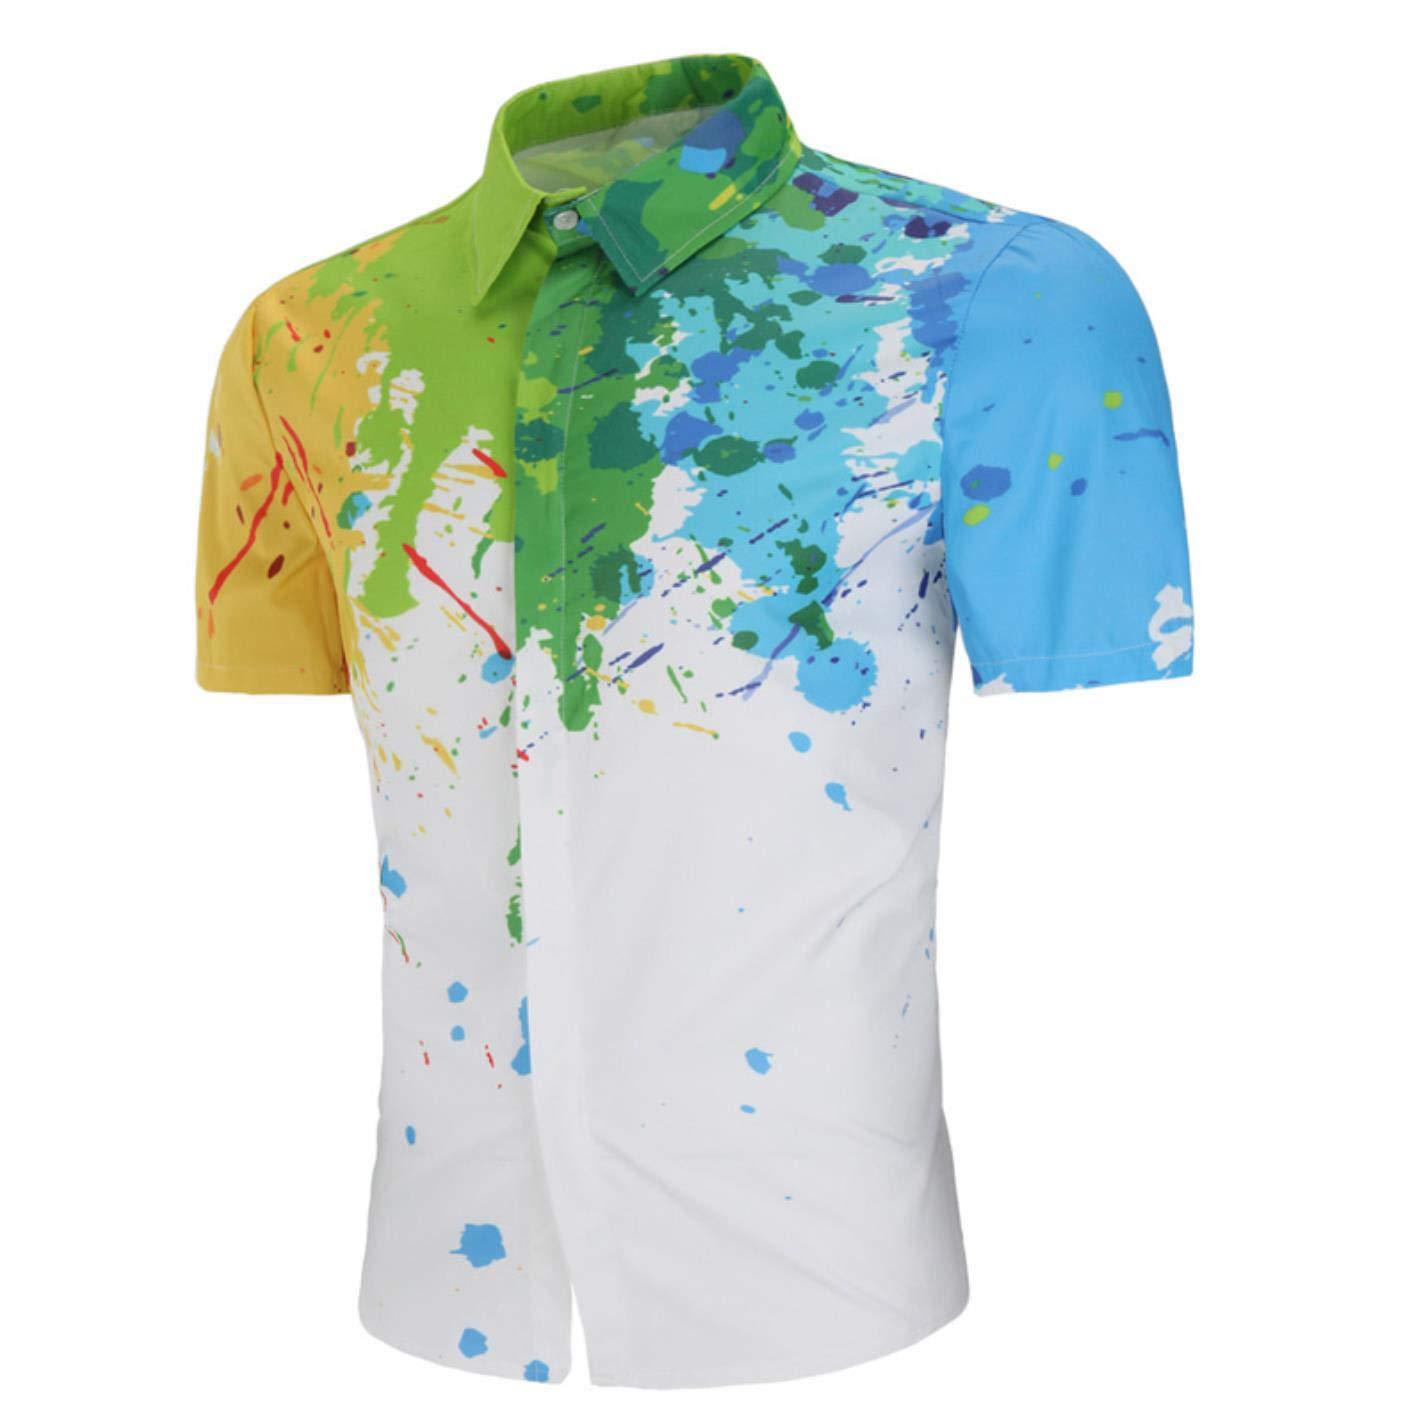 Mens Hawaiian Shirt Chemise Homme Splash Ink Print Short Sleeve Shirt Casual